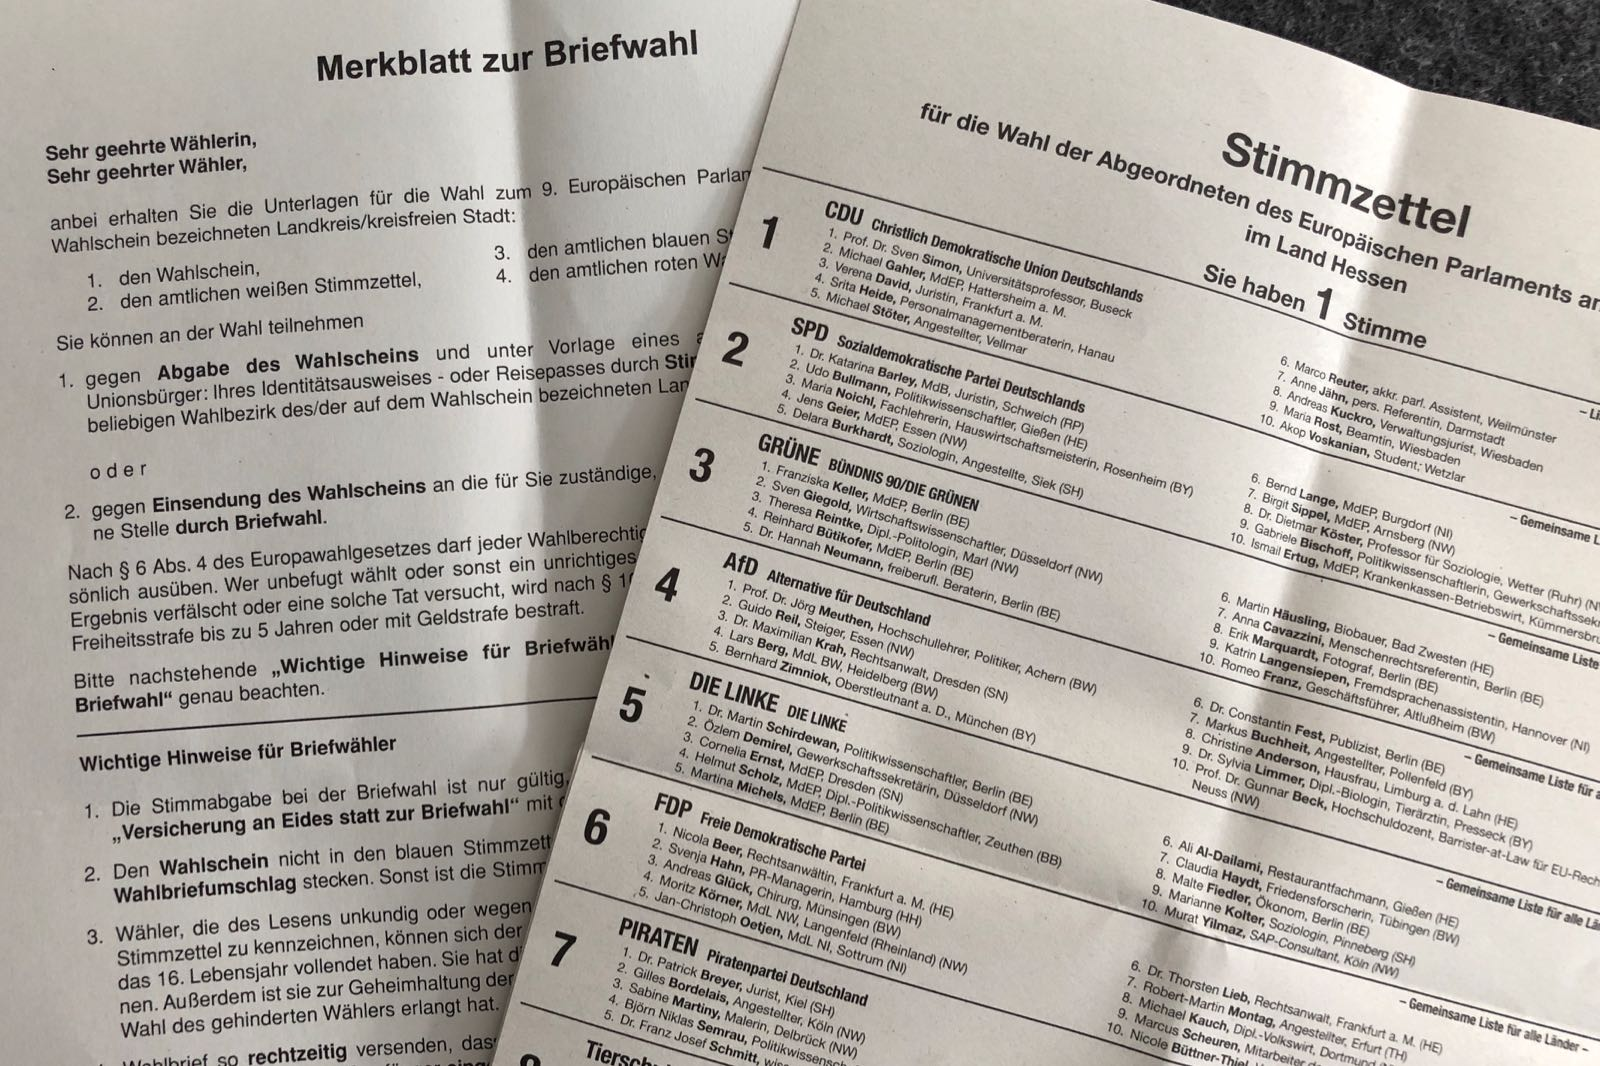 Stimmzettel zur EU-Wahl